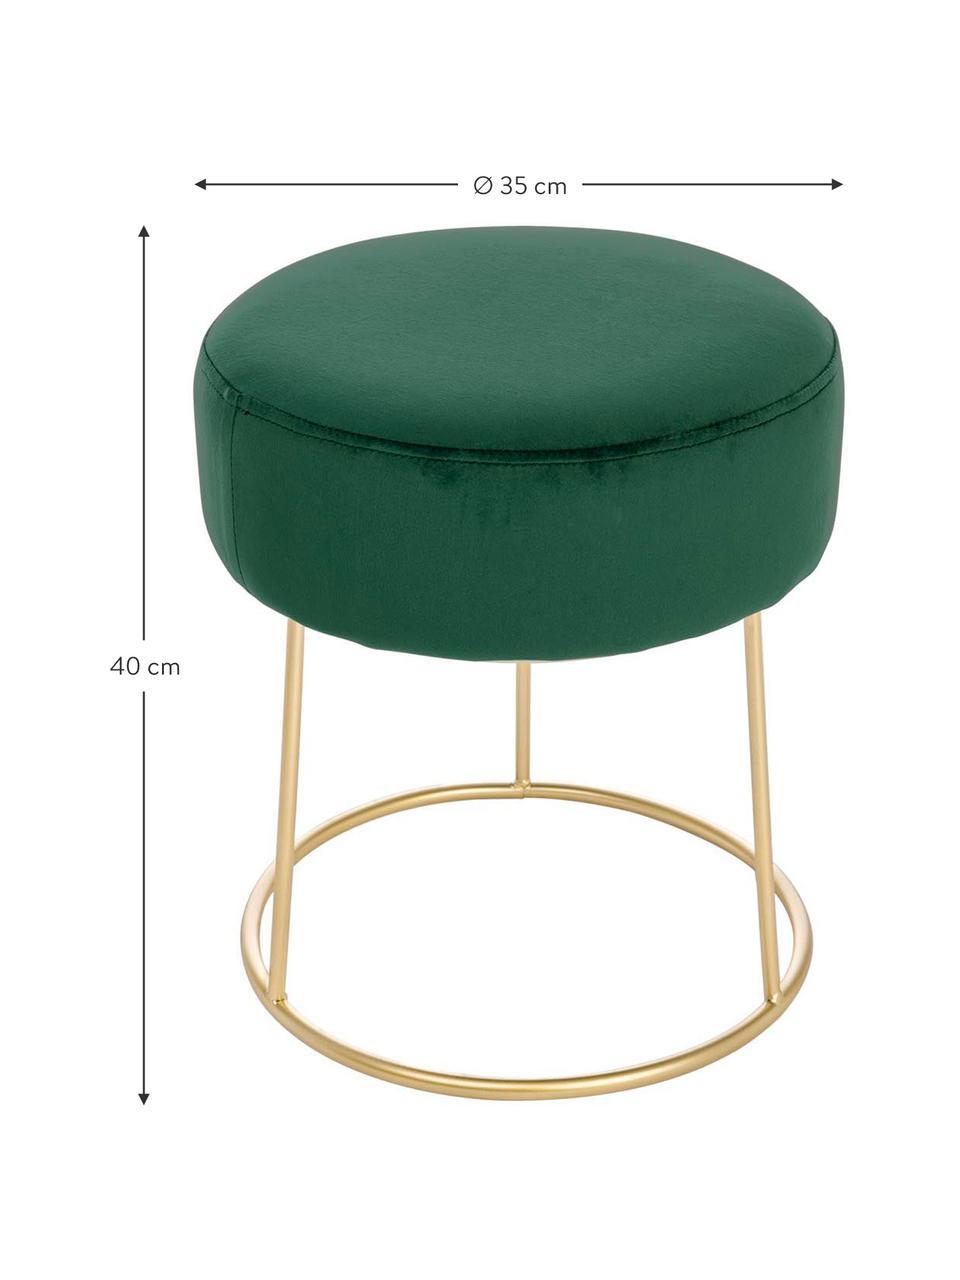 Okrągły stołek z aksamitu Clarissa, Tapicerka: 100% poliester, Korpus: płyta pilśniowa, Nogi: stal, lakierowana, Tapicerka: zielony Nogi: odcienie złotego, Ø 35 x W 40 cm